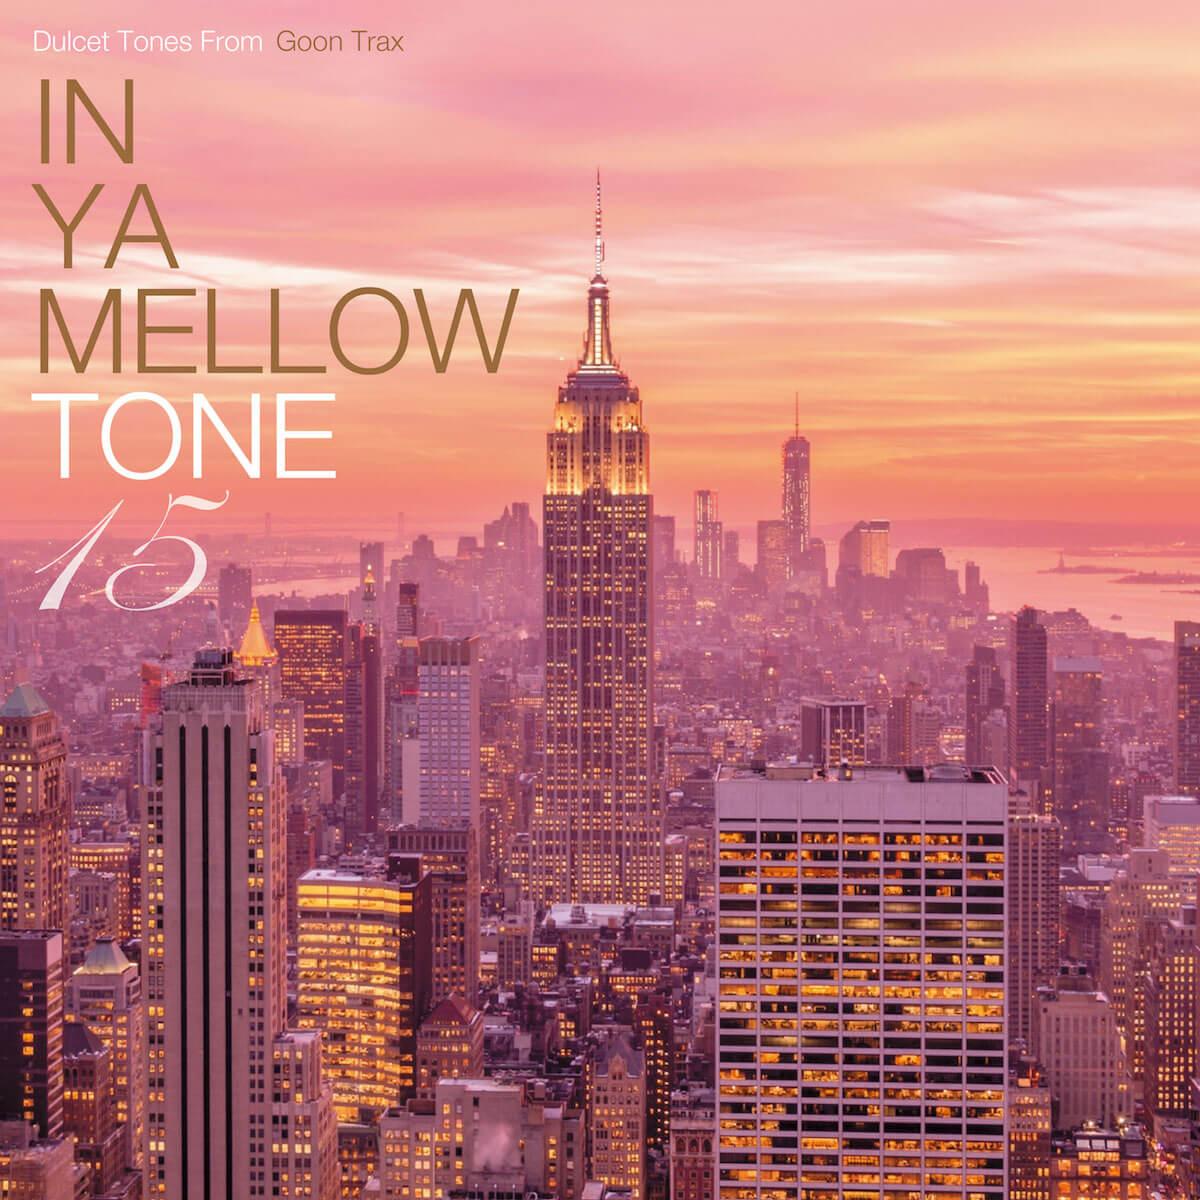 アジアを席捲する、シリーズ累計38万枚突破のモンスター・コンピ最新作 「IN YA MELLOW TONE 15」が発売!re:plusの日本初ワンマンライブも music190515-in-ya-mellow-tone-1